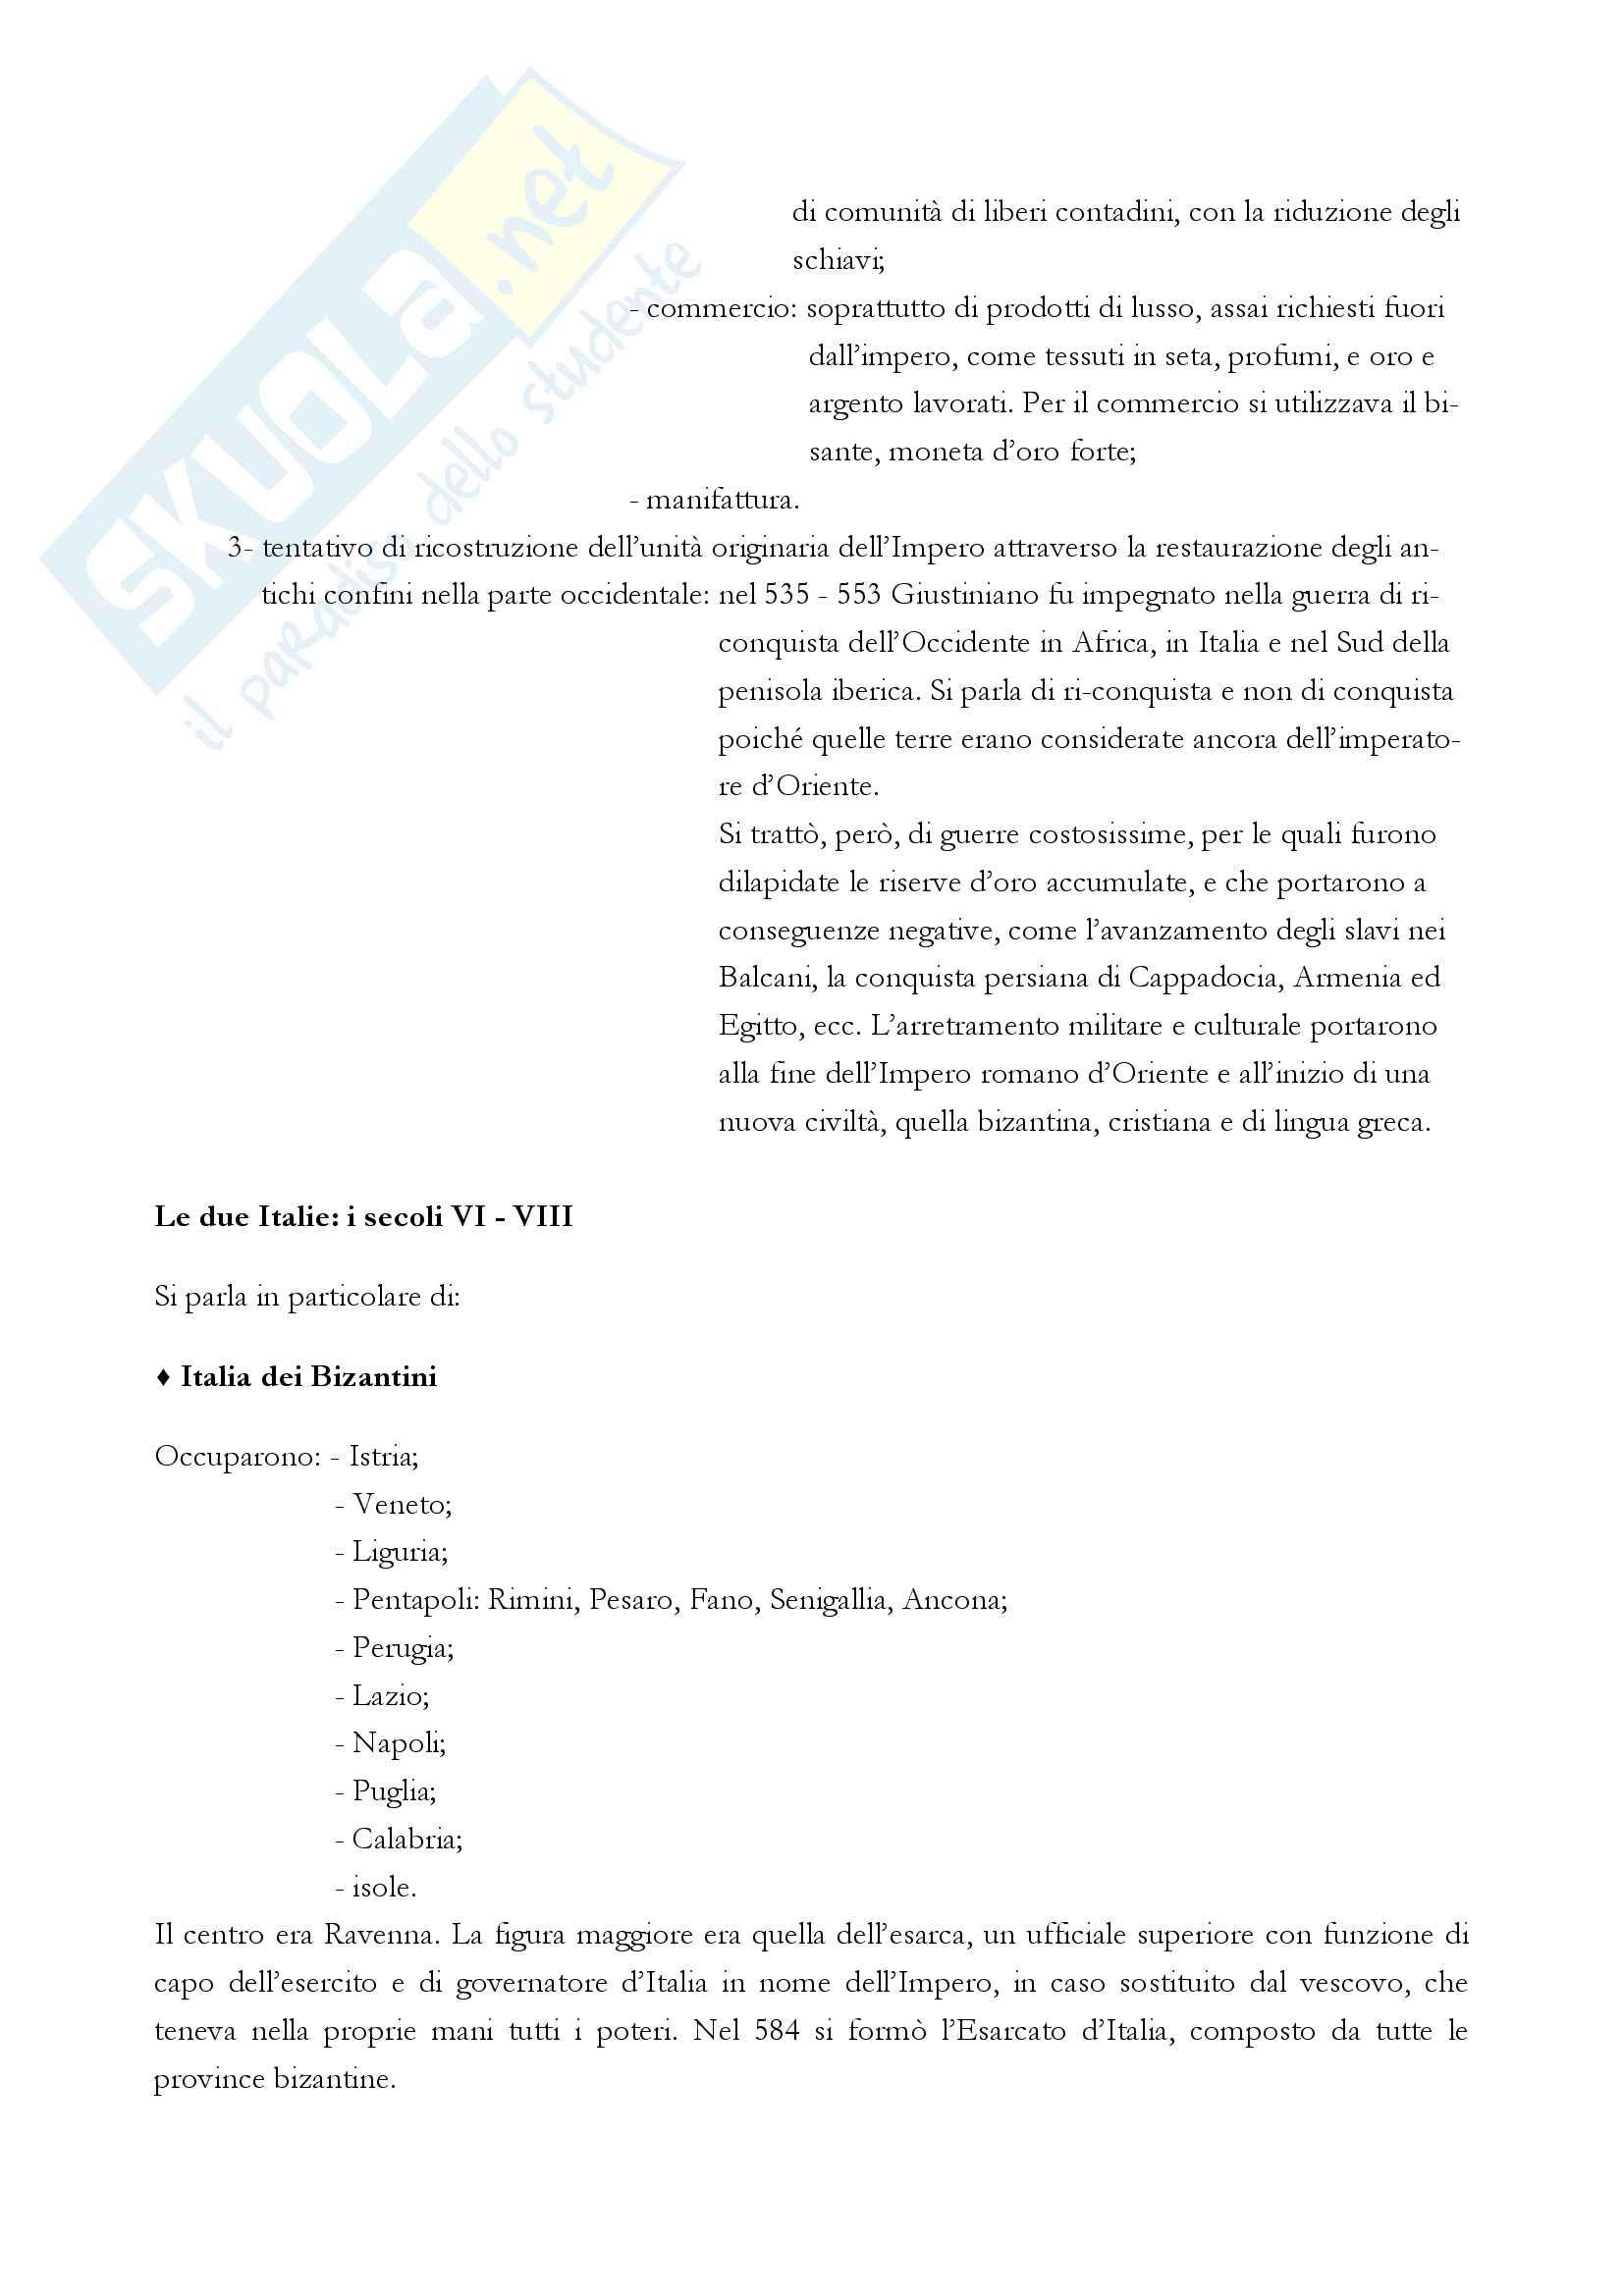 """Riassunto esame storia medievale, Prof. Varanini, libro consigliato """"I mille anni del Medioevo"""" (G. Piccinni) (prima parte) Pag. 6"""